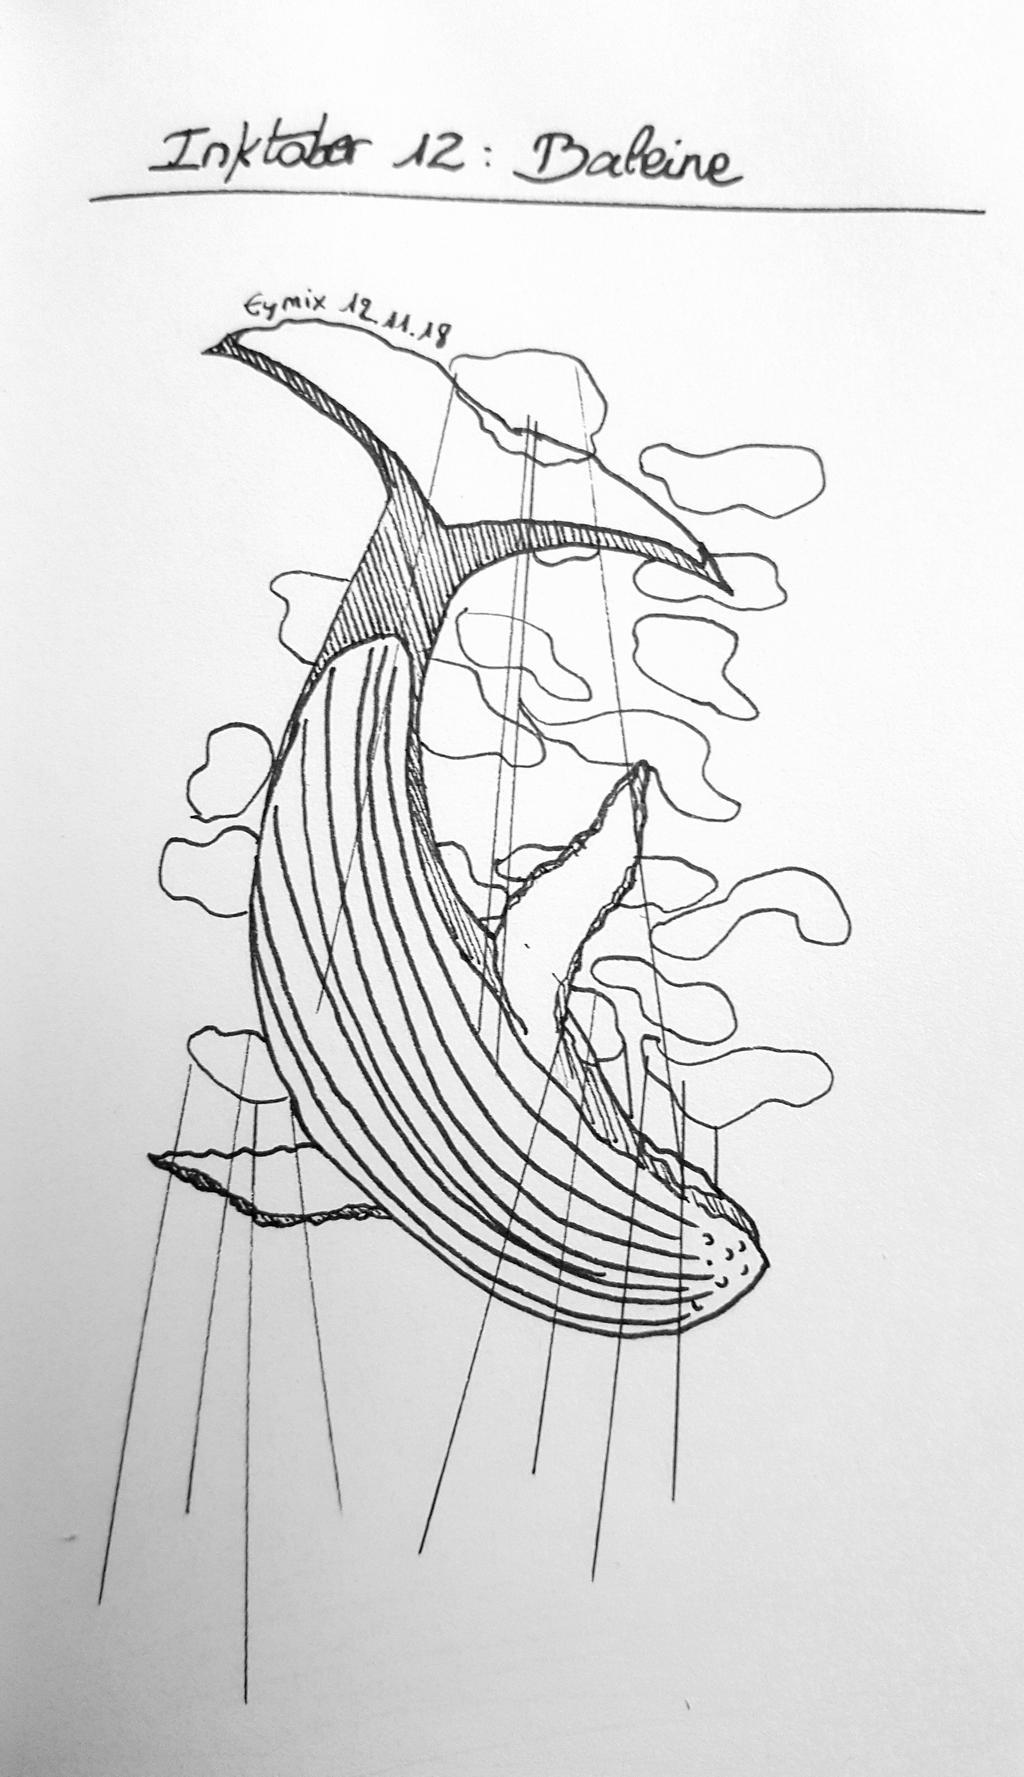 Inktober 2018 12 - Baleine